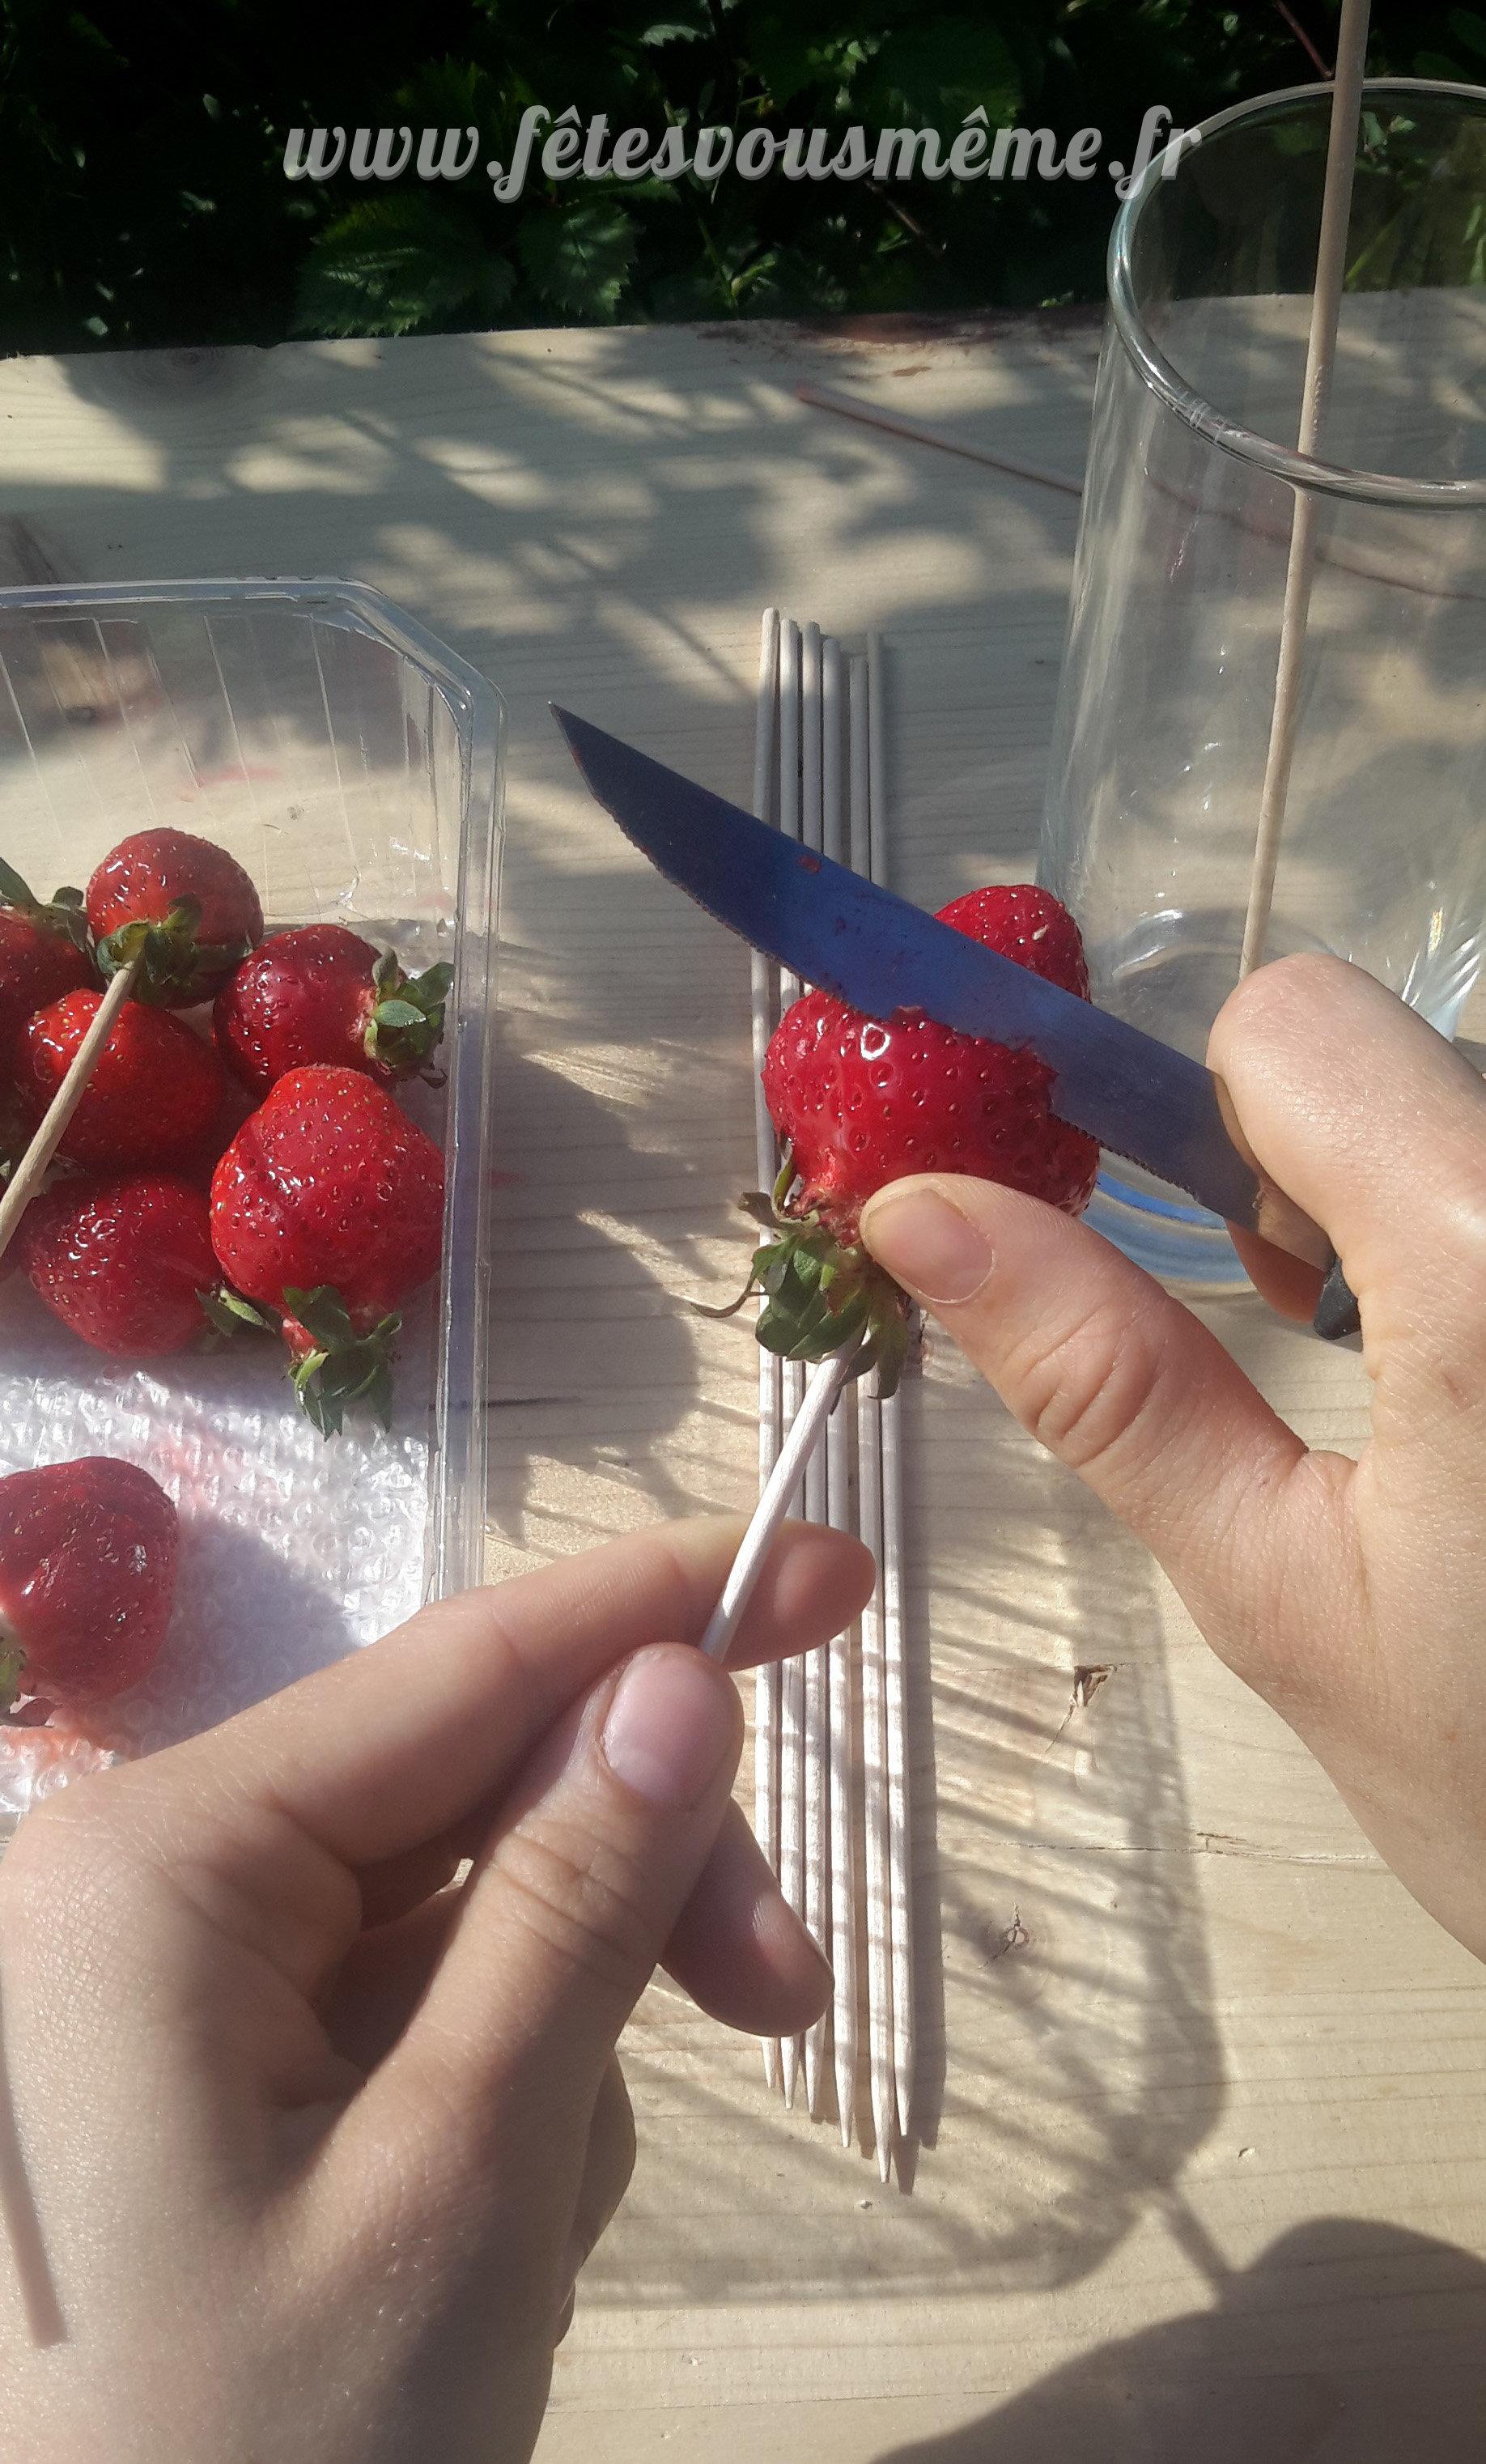 D%c3%a9coupe fraise